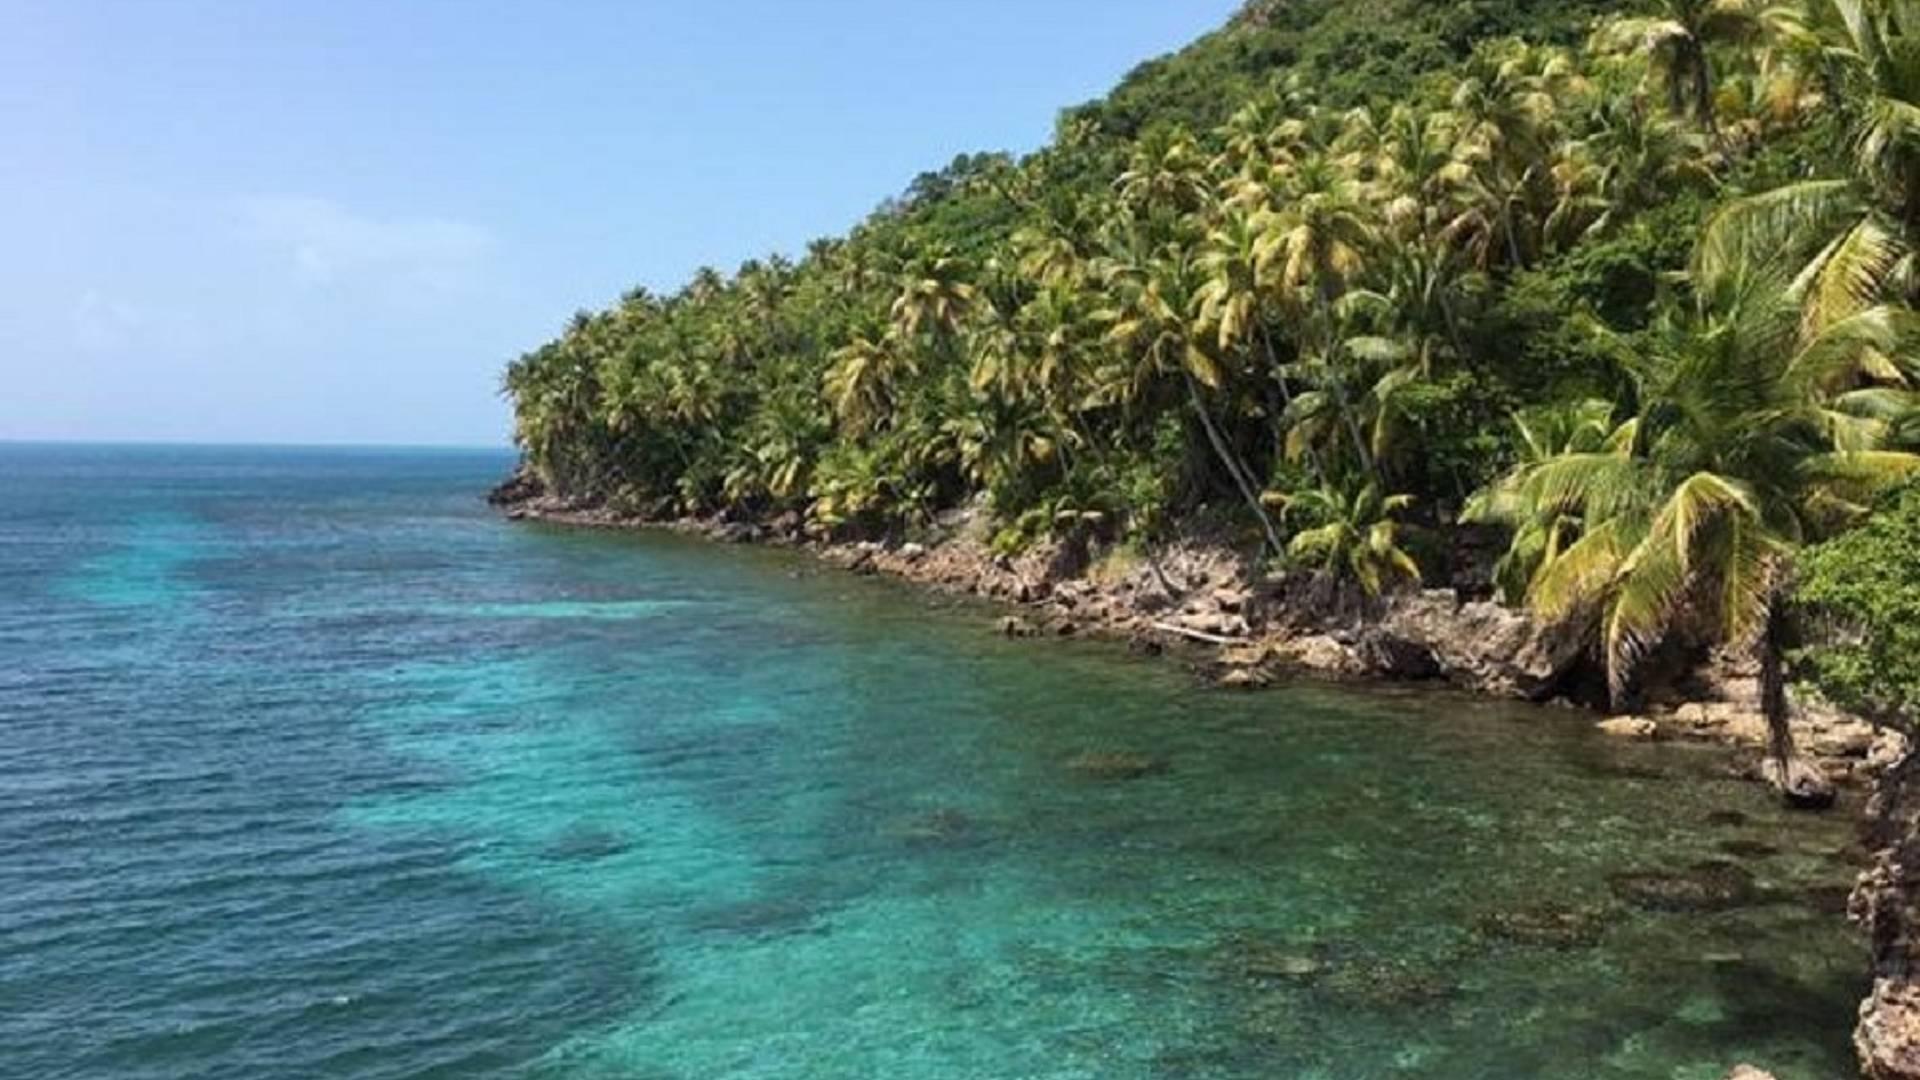 Déconnexion au coeur de la nature préservée des Caraïbes